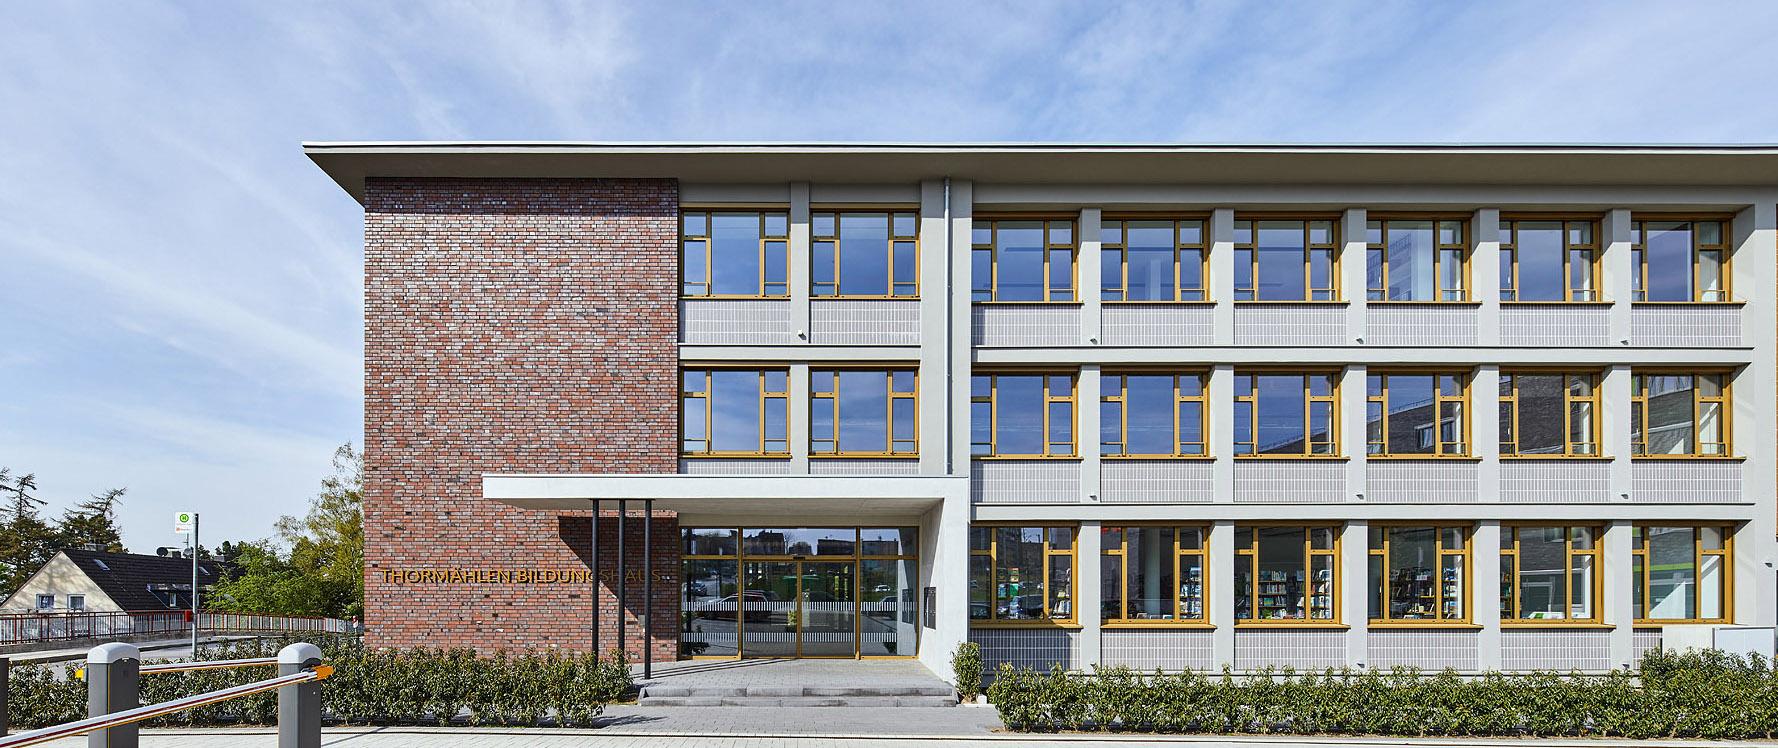 Thormählen Bildungshaus, Heiliegnhaus, Bauen im Bestand, Umbau, Bürogebäude, Architekturbüro Schönborn+ Hölscher